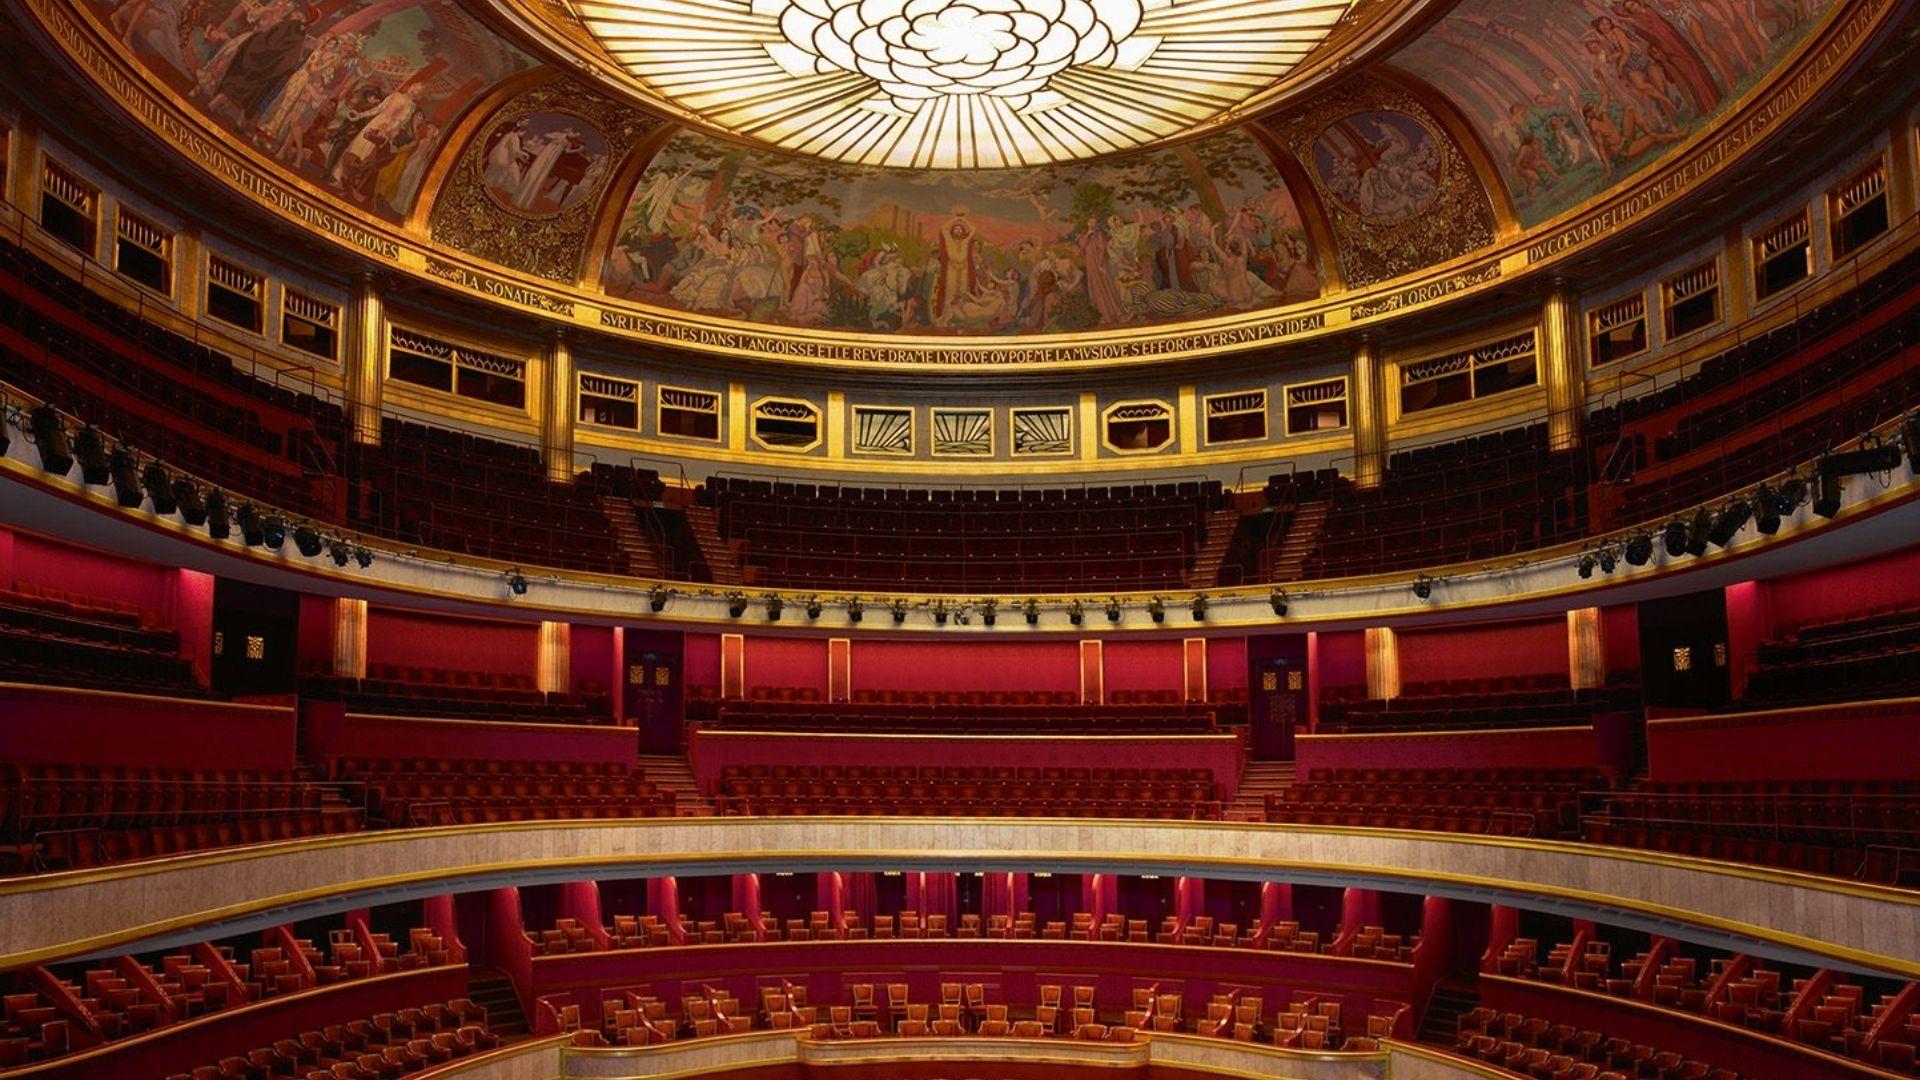 Concerts musique classique Théâtre des Champs Élysées Paris